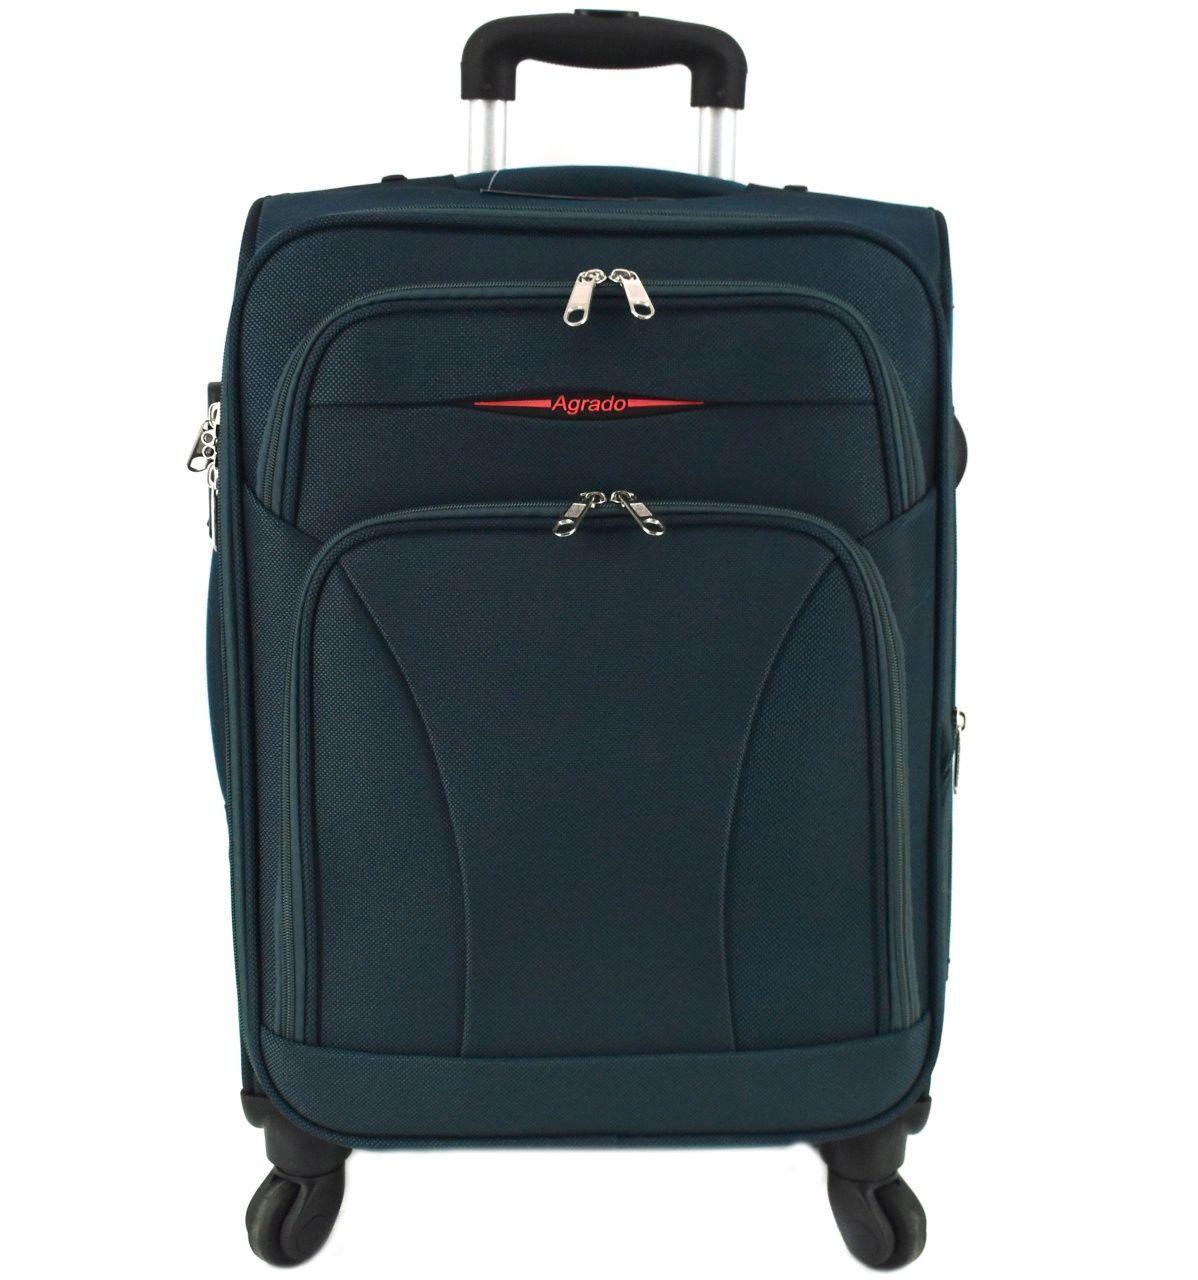 Cestovní textilní kufr na čtyřech kolečkách Agrado (M) 80l - tmavě zelená 8021 (M)